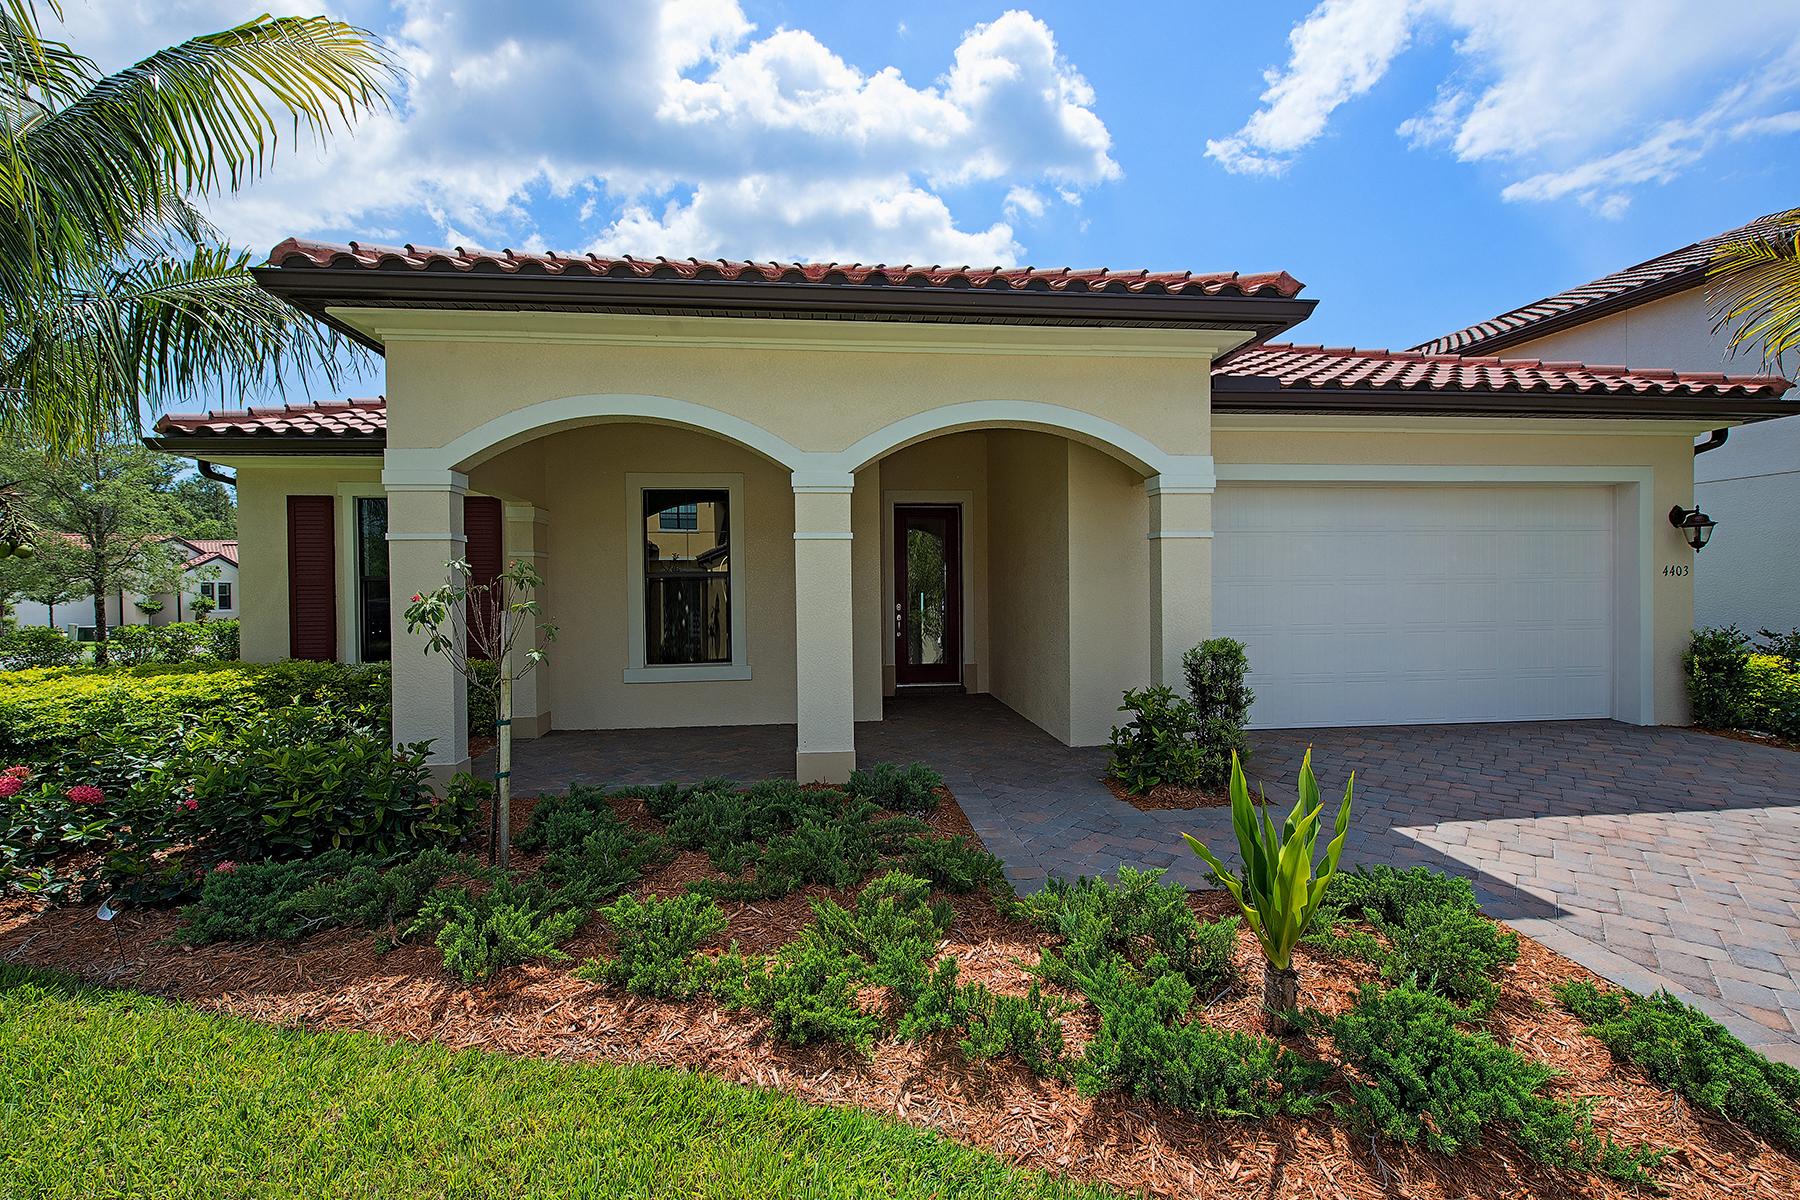 Tek Ailelik Ev için Satış at RAFFIA PRESERVE 4403 Tamarind Way Naples, Florida, 34119 Amerika Birleşik Devletleri